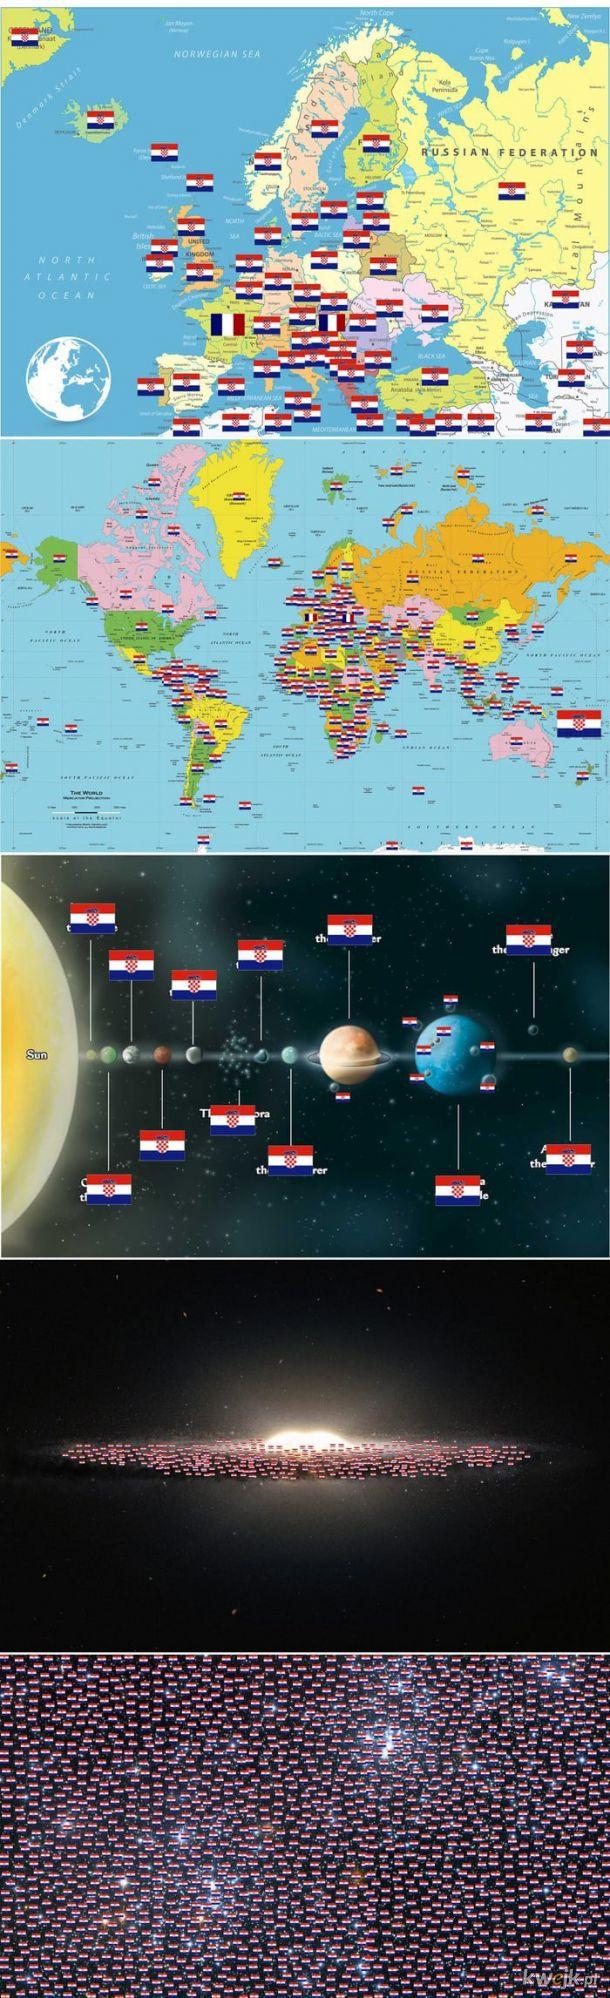 Przeżyjmy to ostatni raz - memy po Mundialu w Rosji